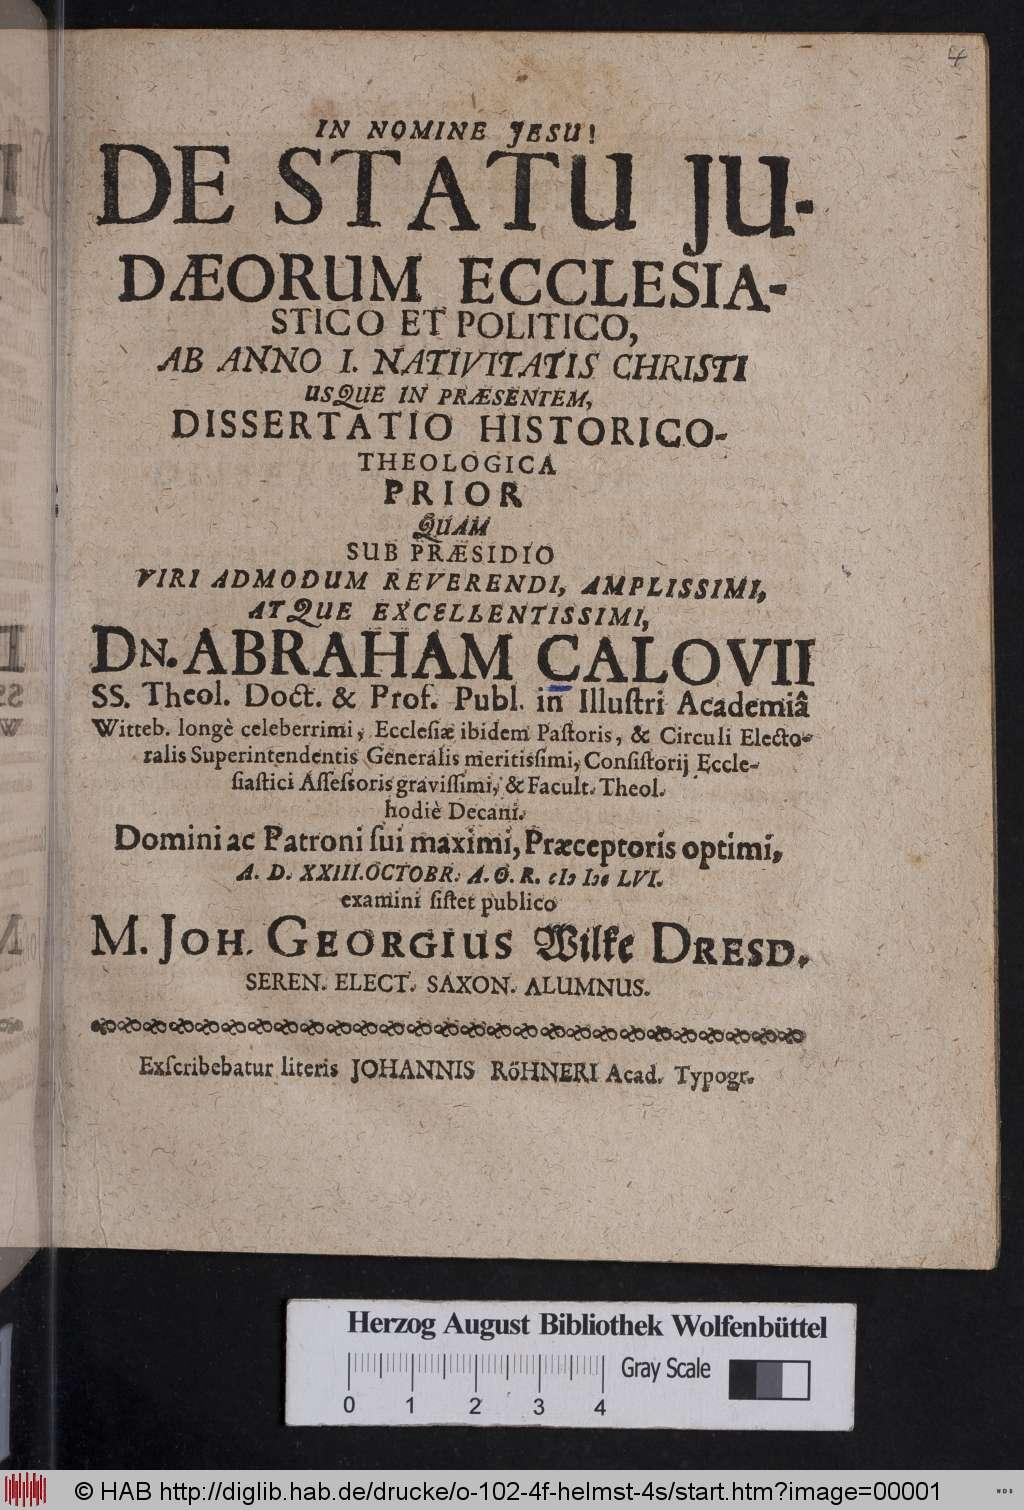 http://diglib.hab.de/drucke/o-102-4f-helmst-4s/00001.jpg